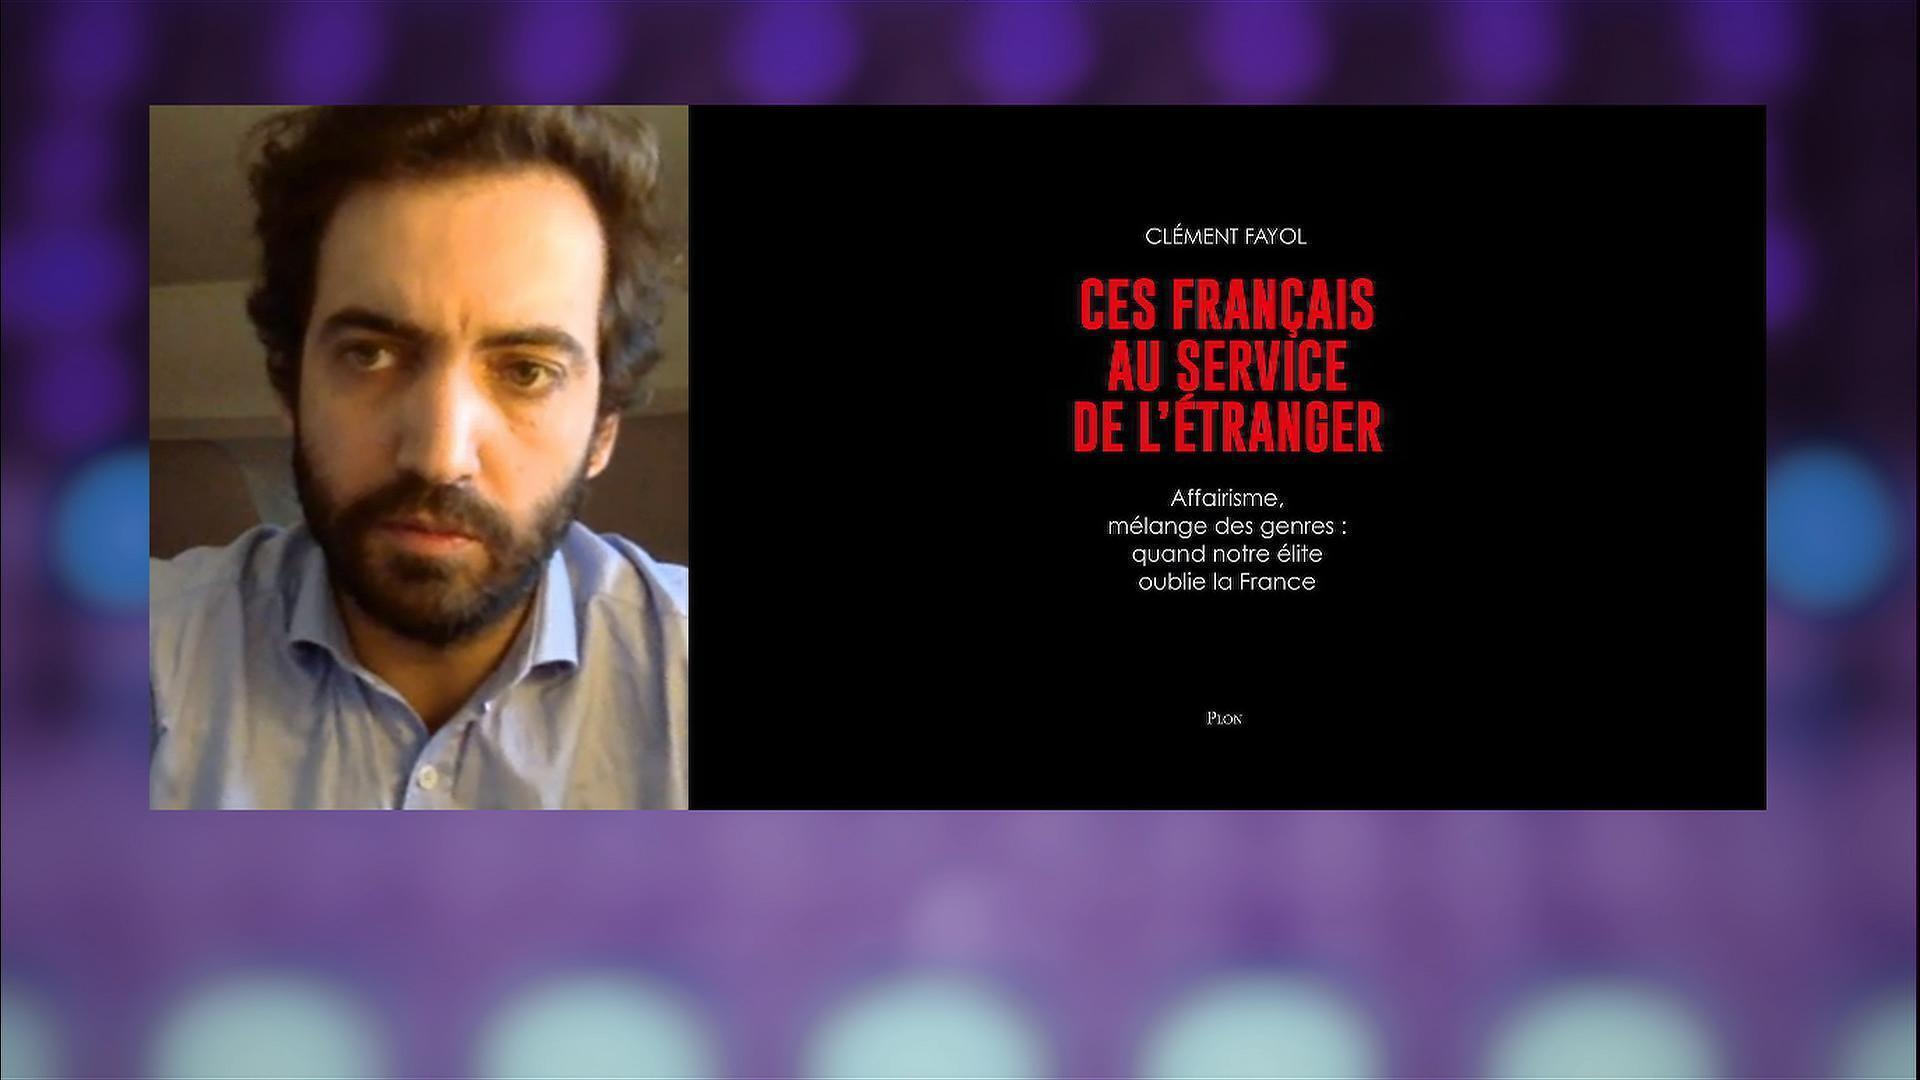 Clément Fayol